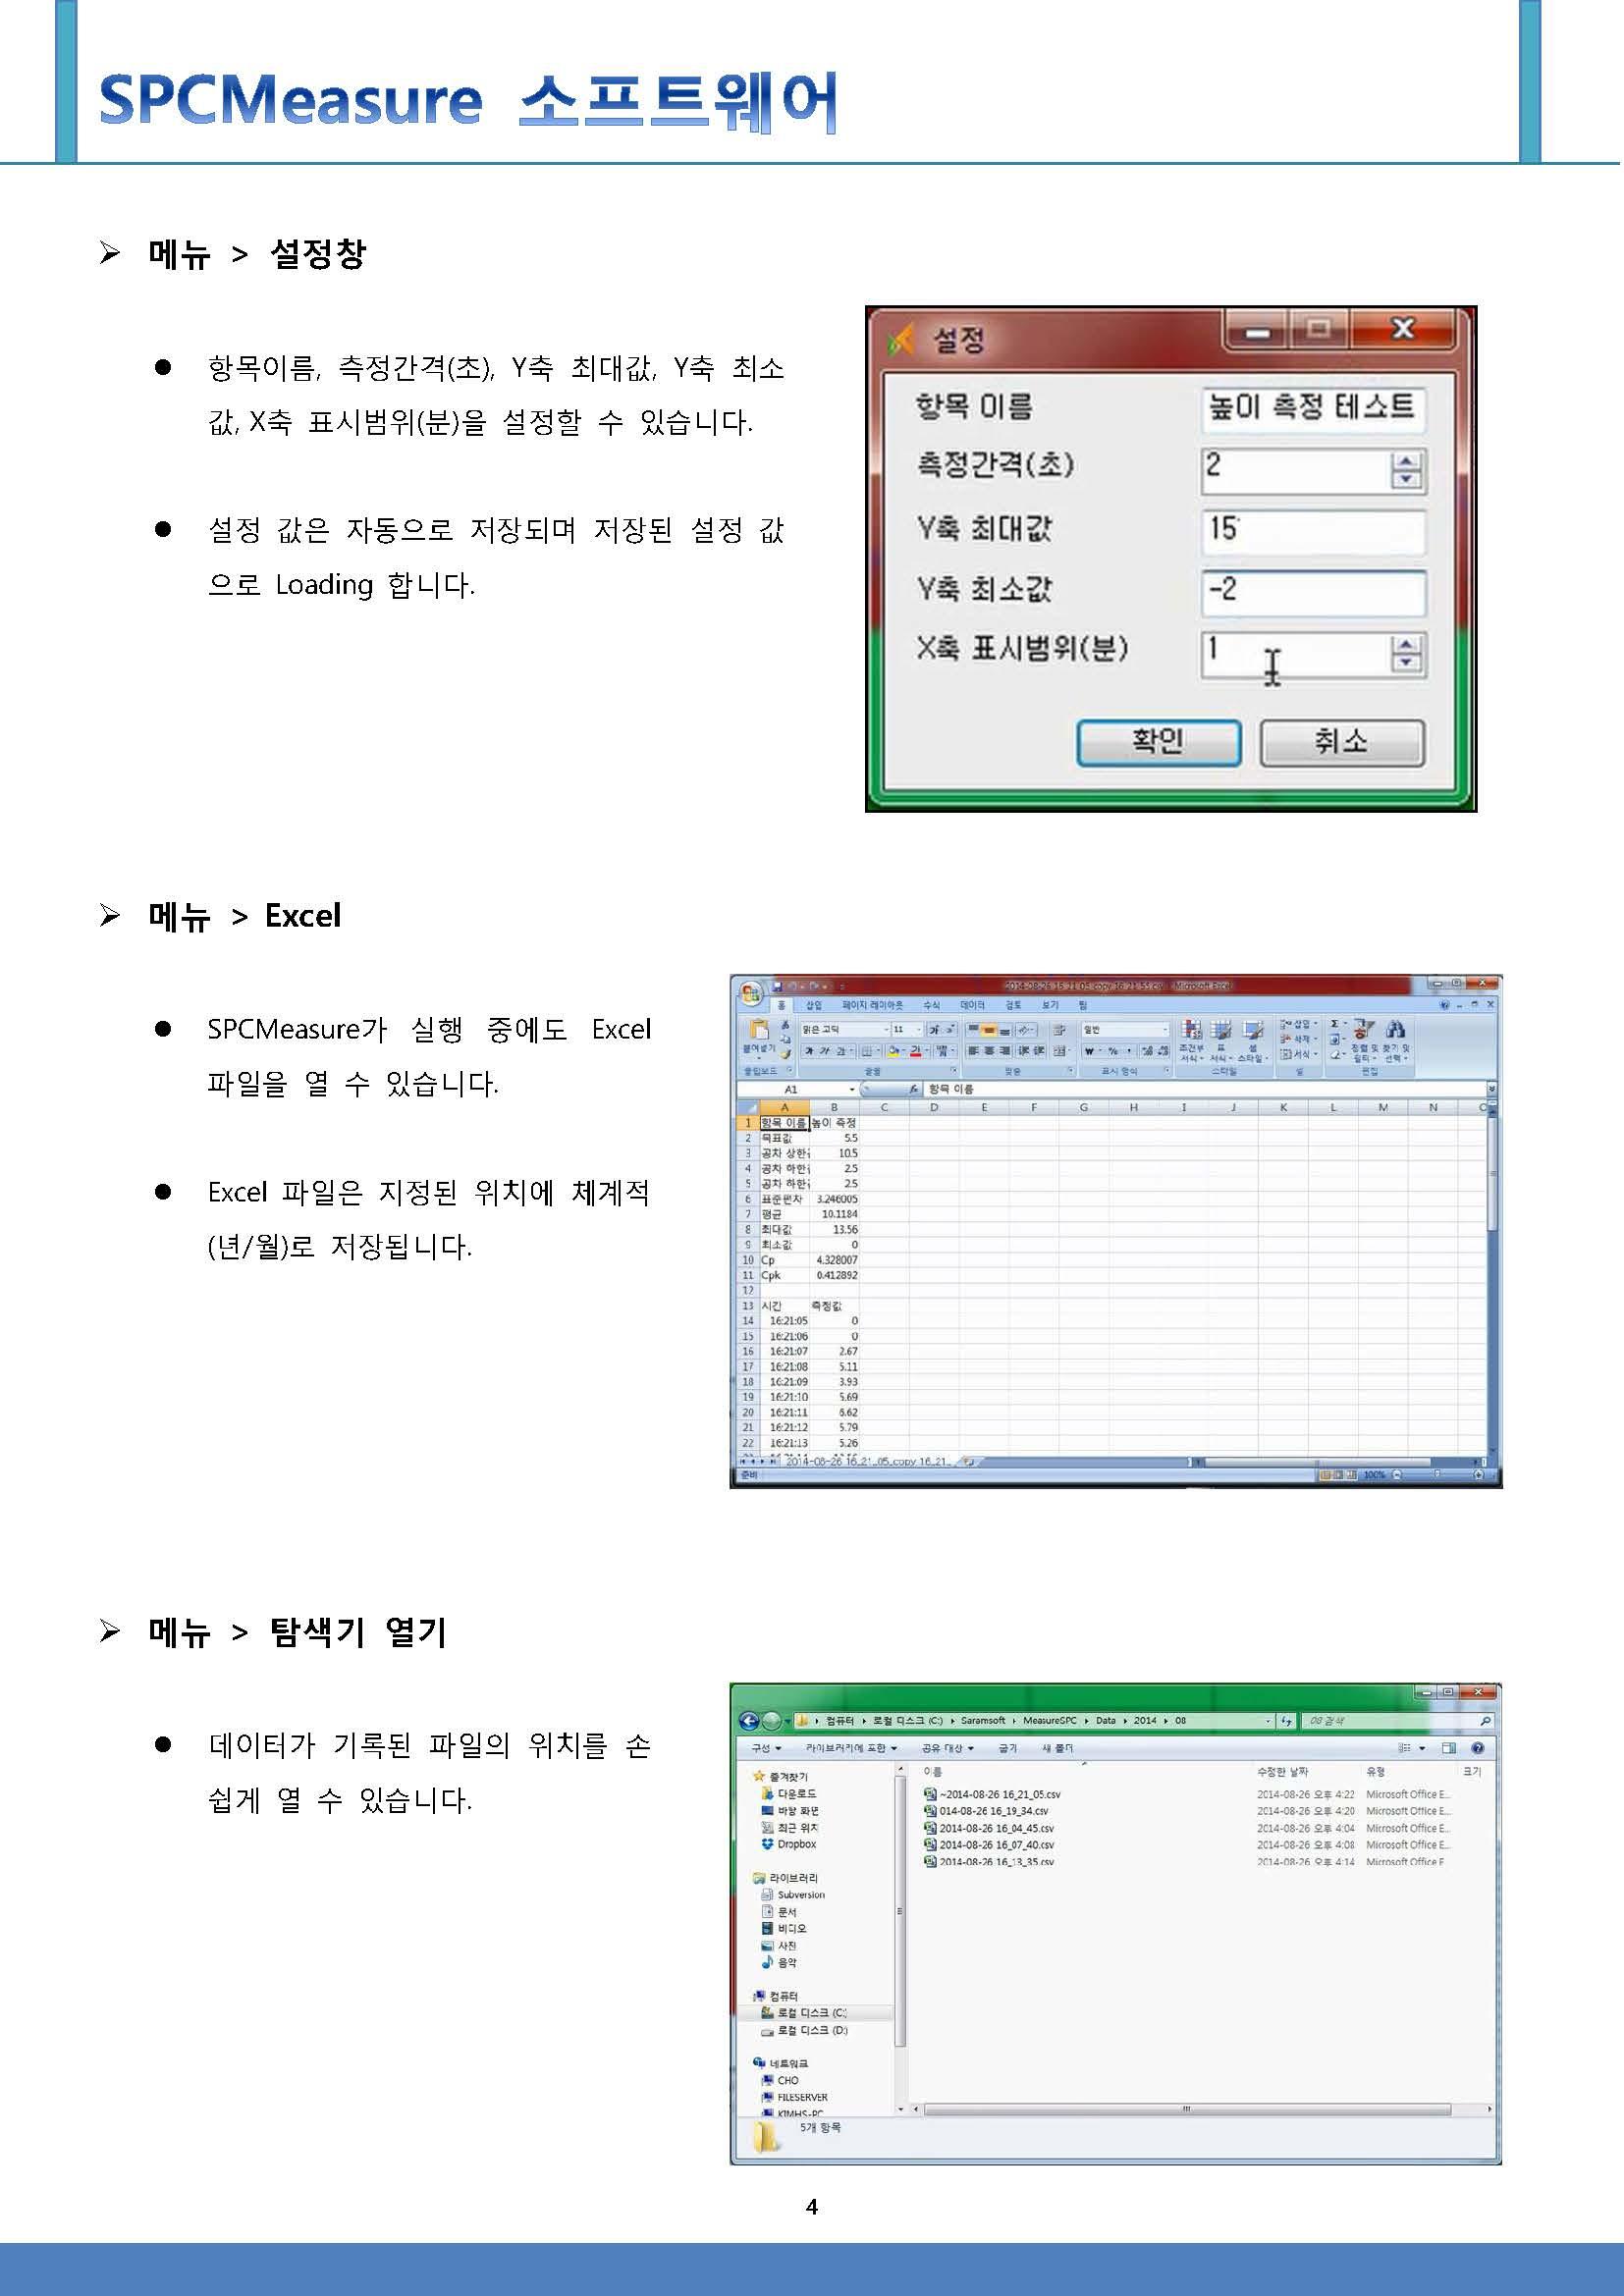 SPCMeasure1_페이지_4.jpg